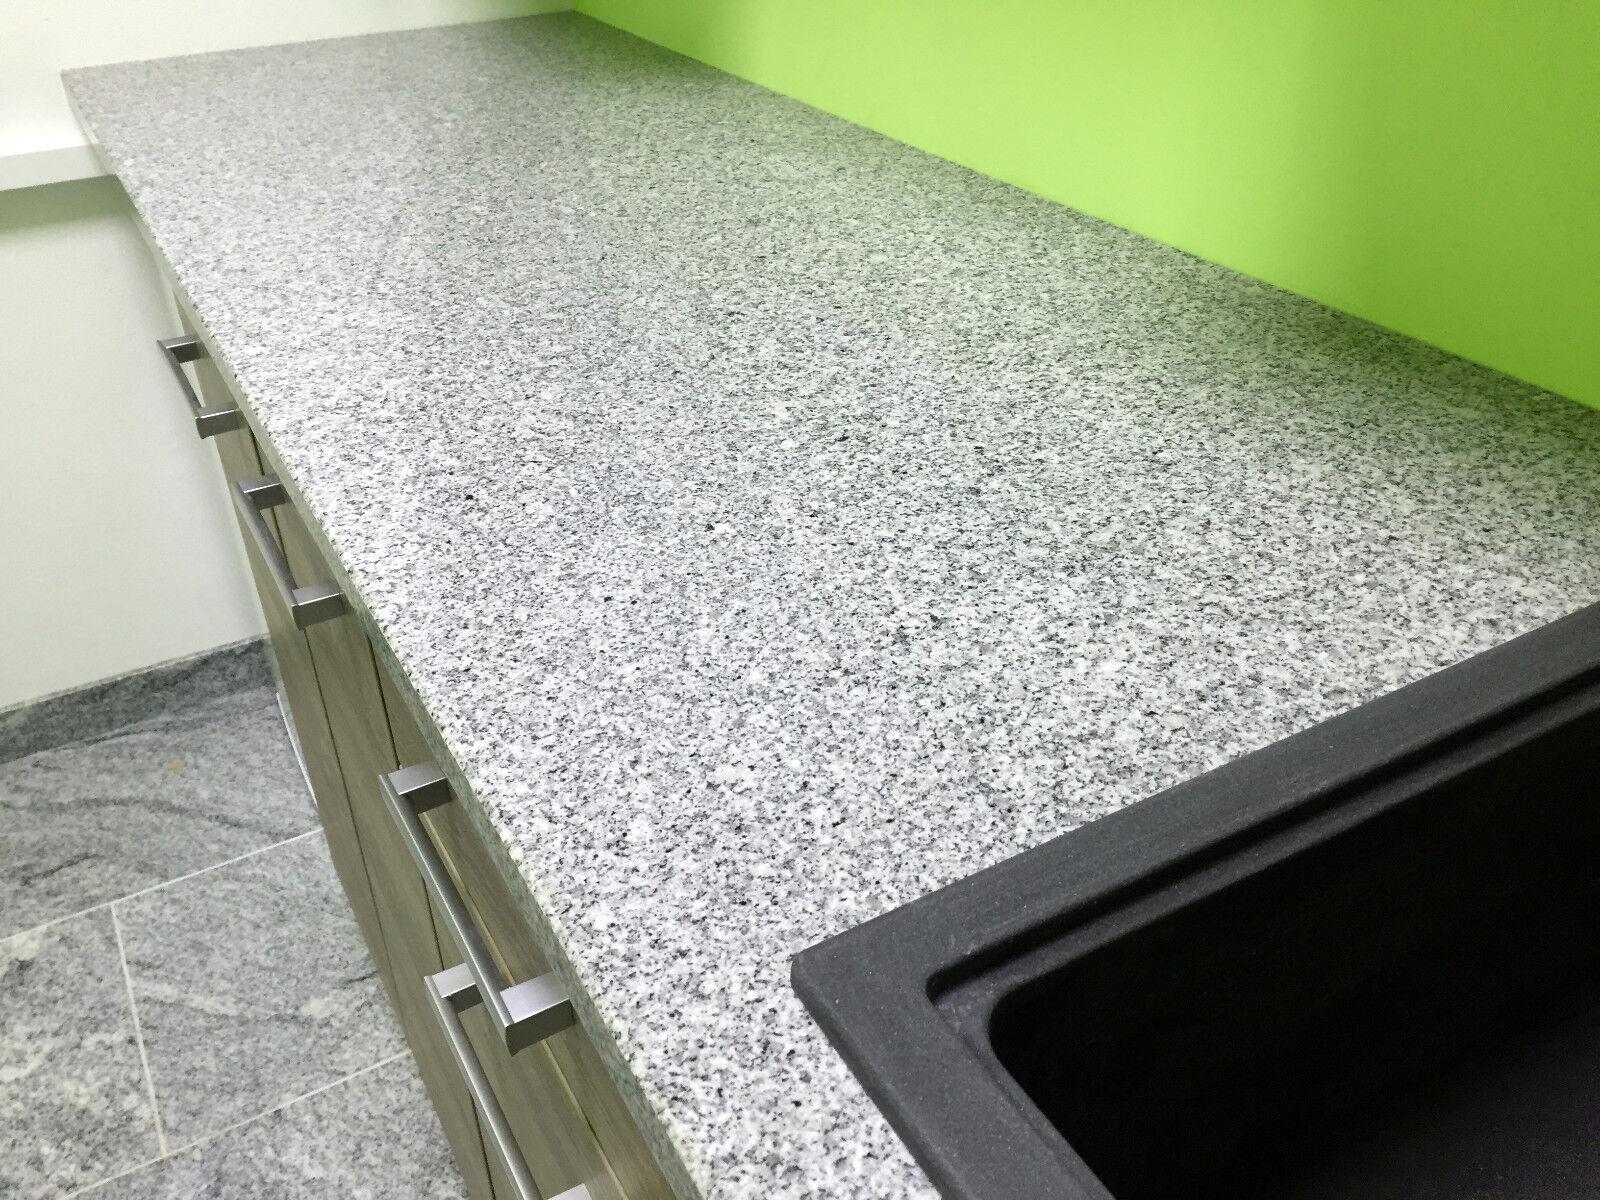 Tolle Kücheninseln Und Karren Toronto Galerie - Ideen Für Die Küche ...